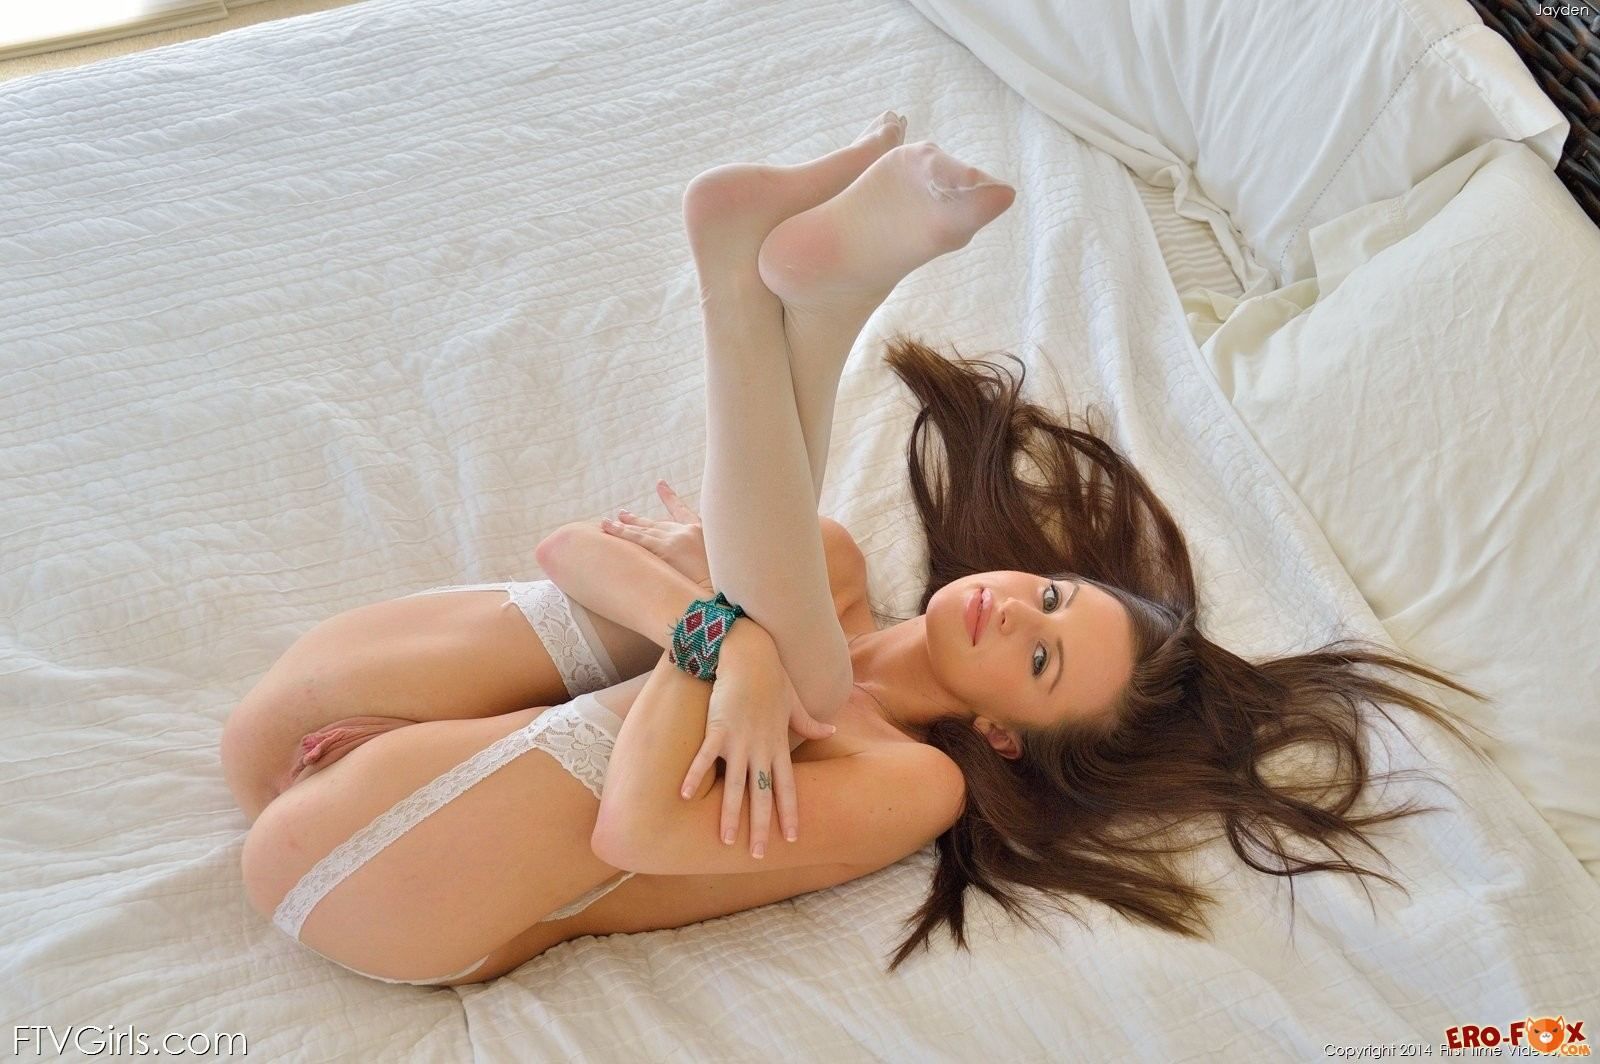 Голая девушка в чулках в постели  эротика.